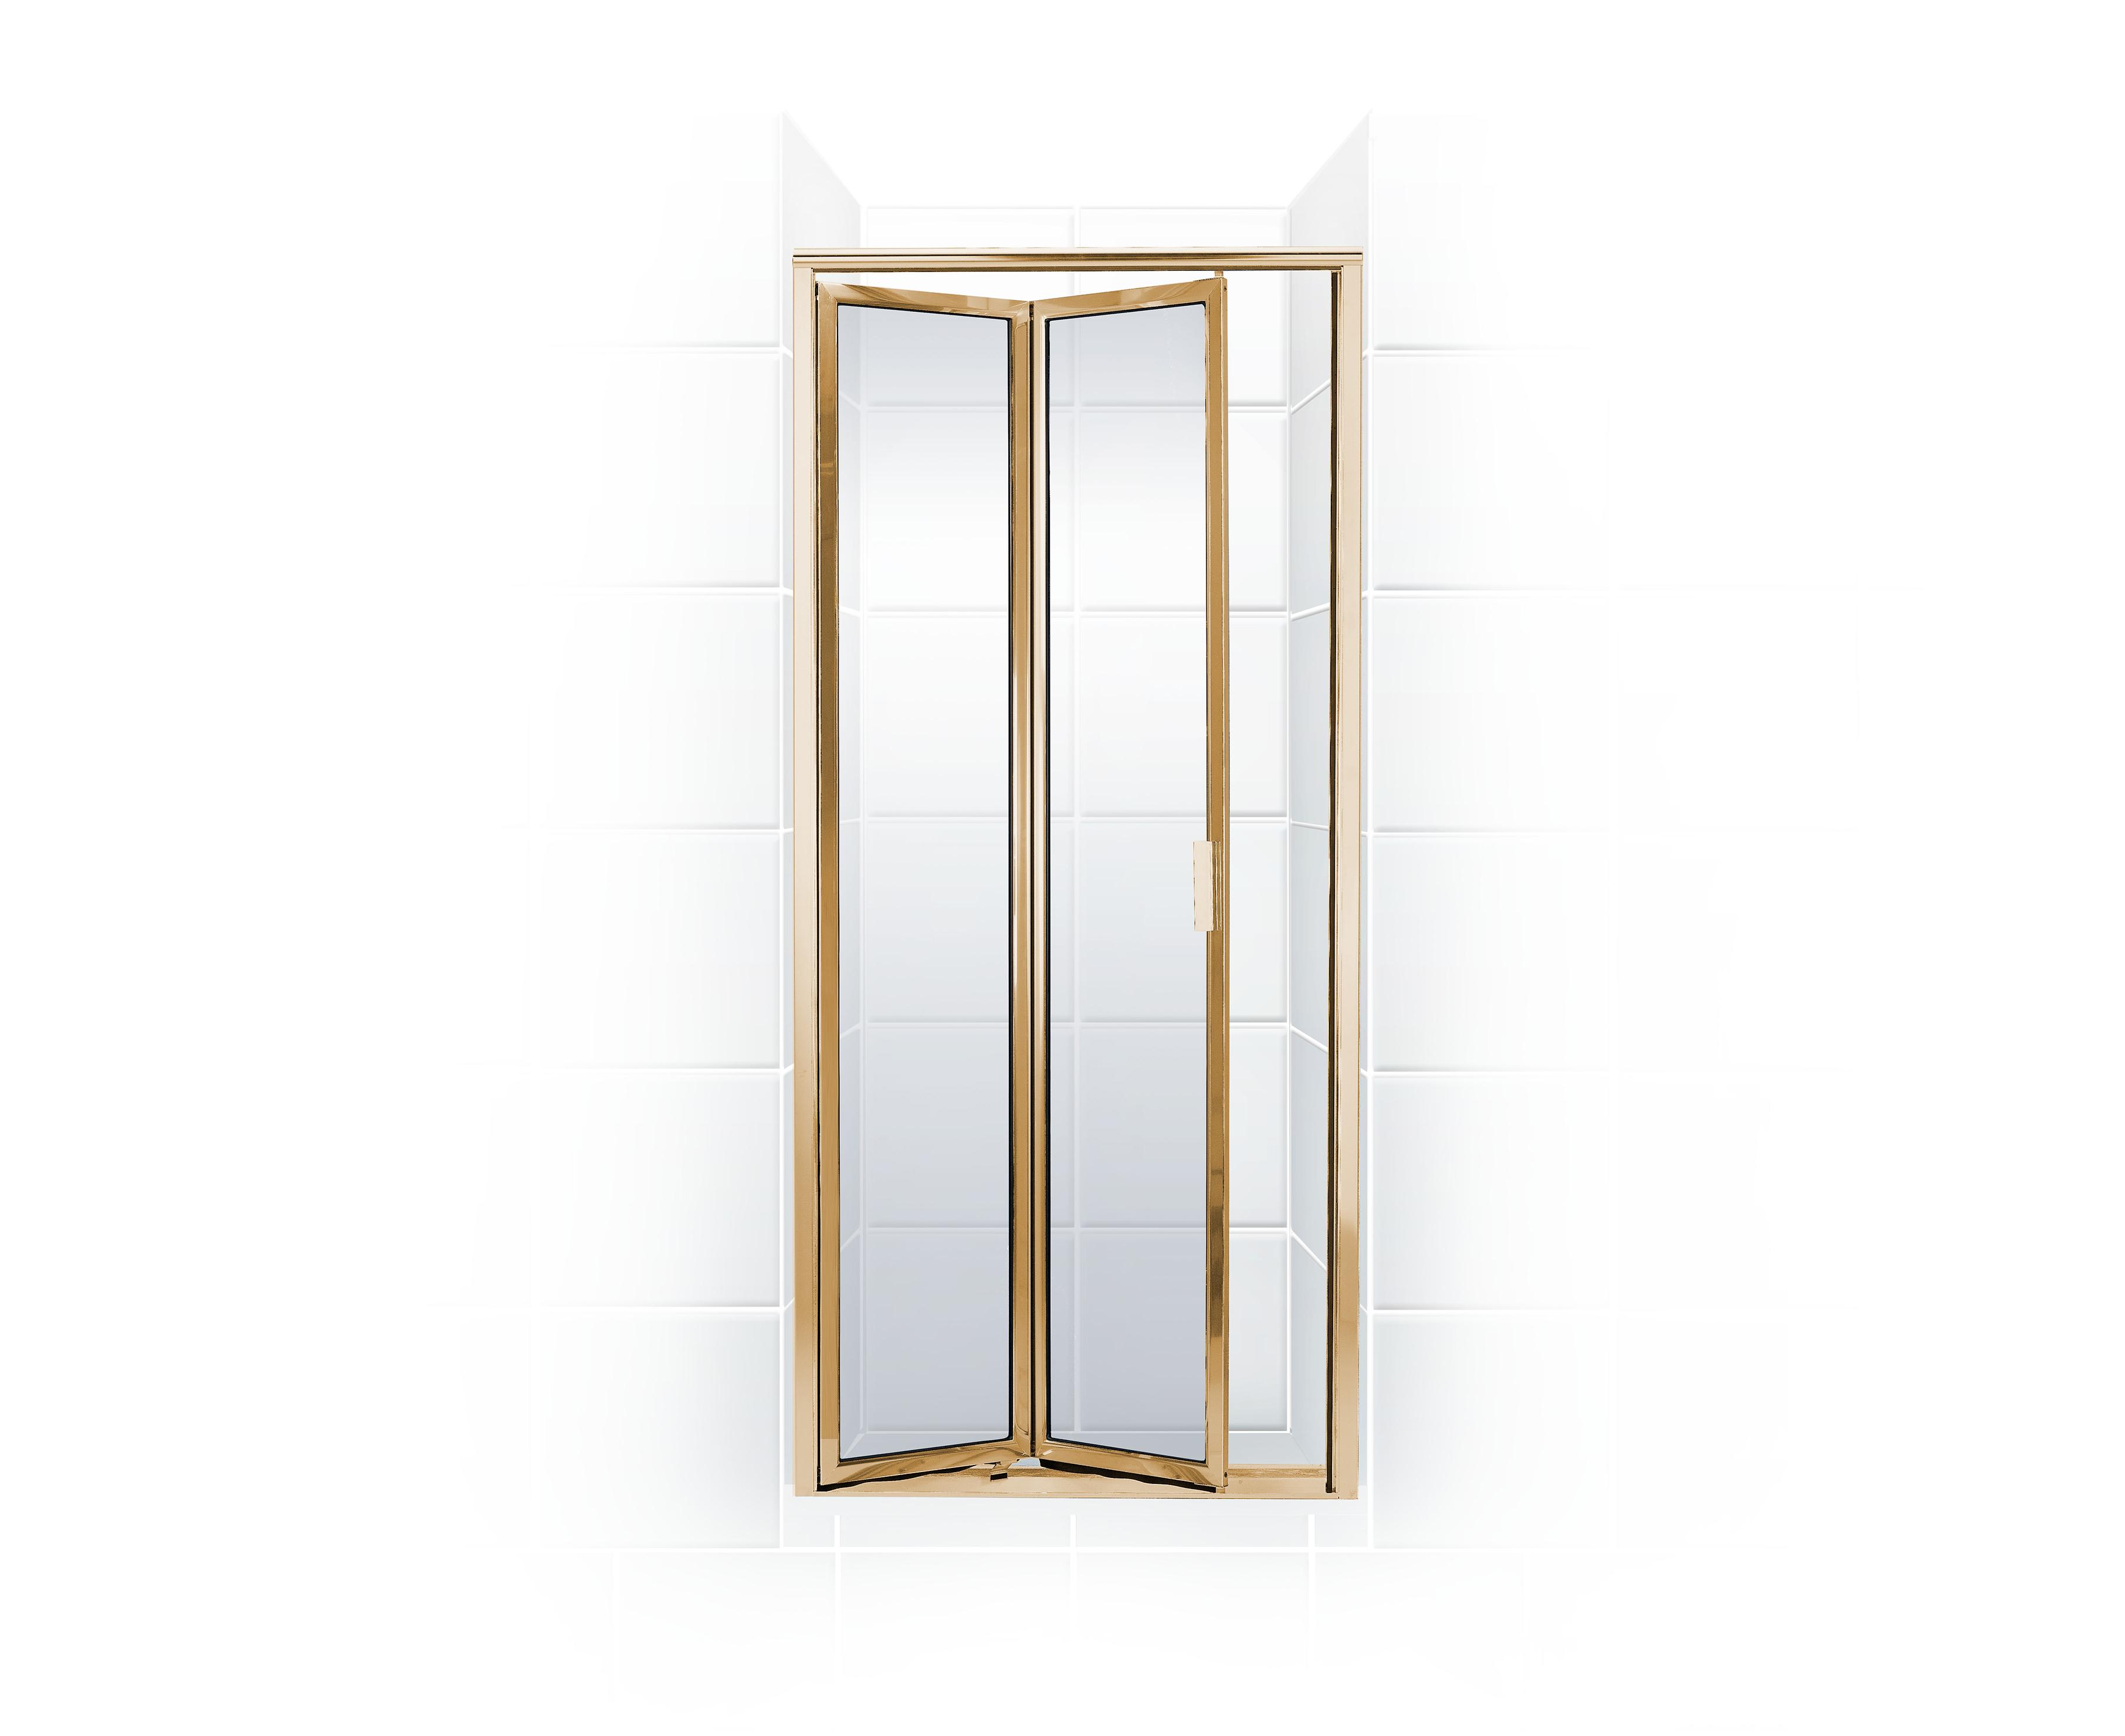 coastal industries paragon bifold shower door